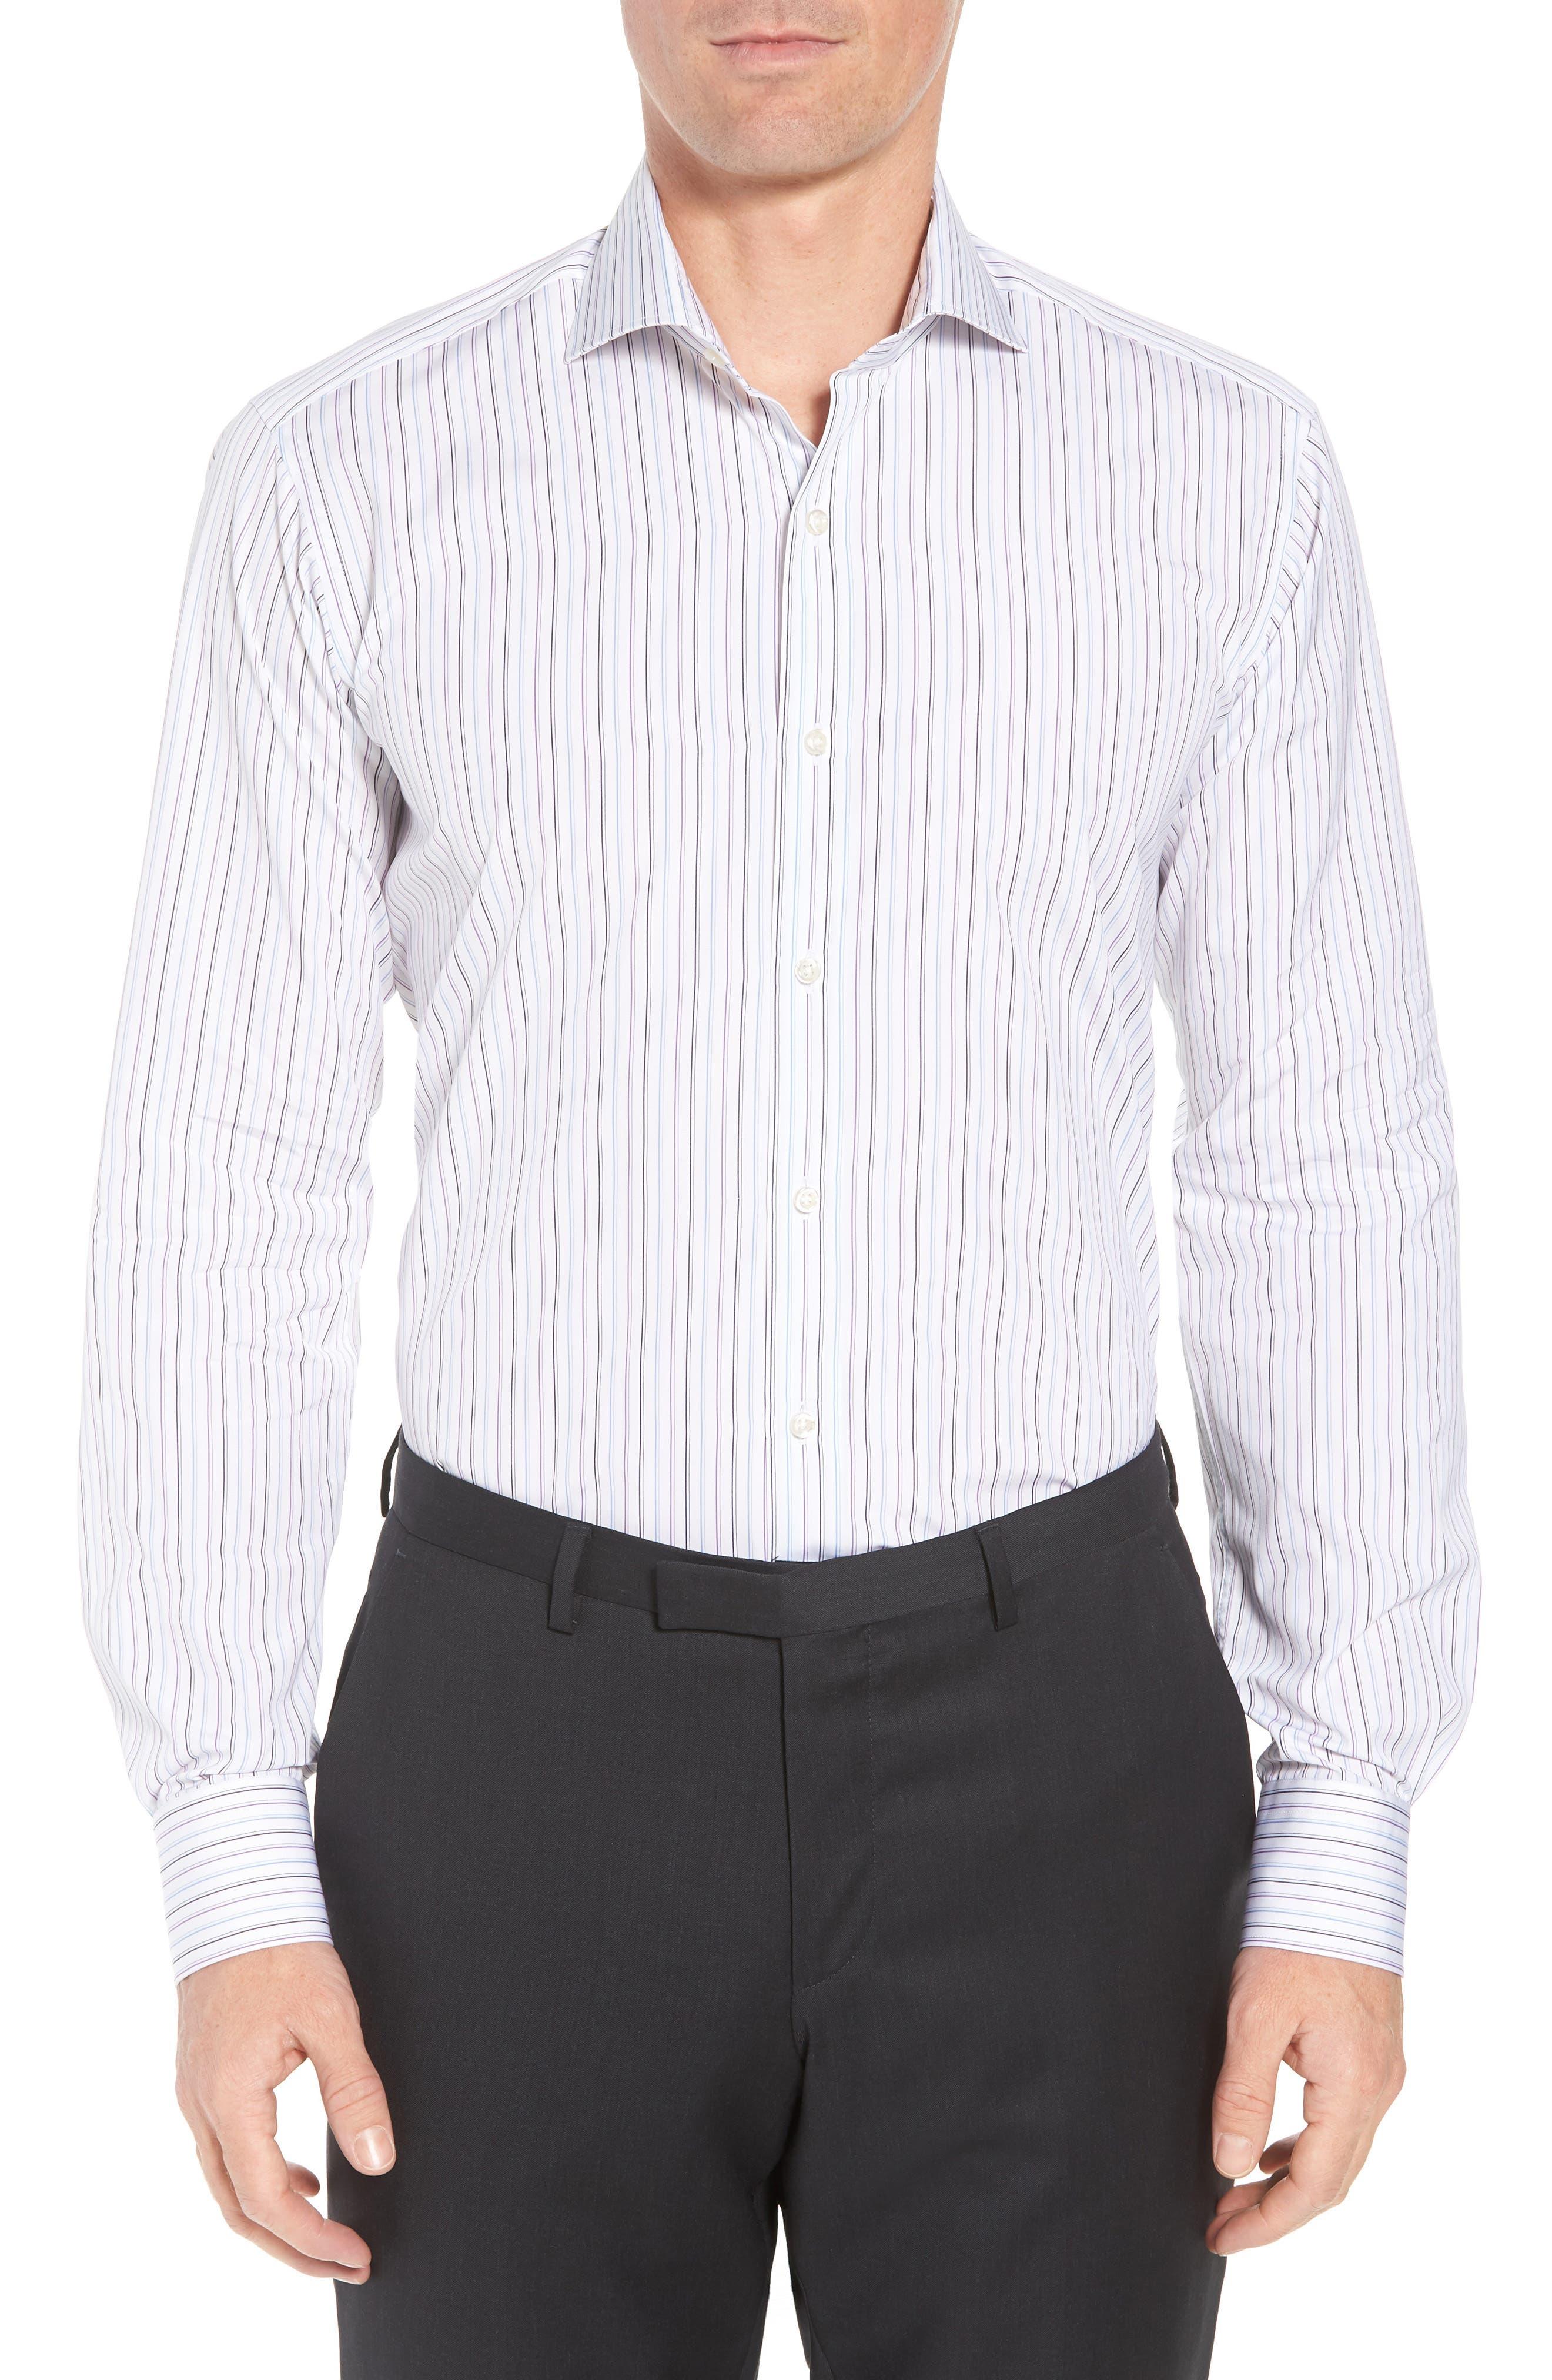 Regular Fit Stripe Dress Shirt,                             Main thumbnail 1, color,                             WHITE/ BLUE/ PURPLE